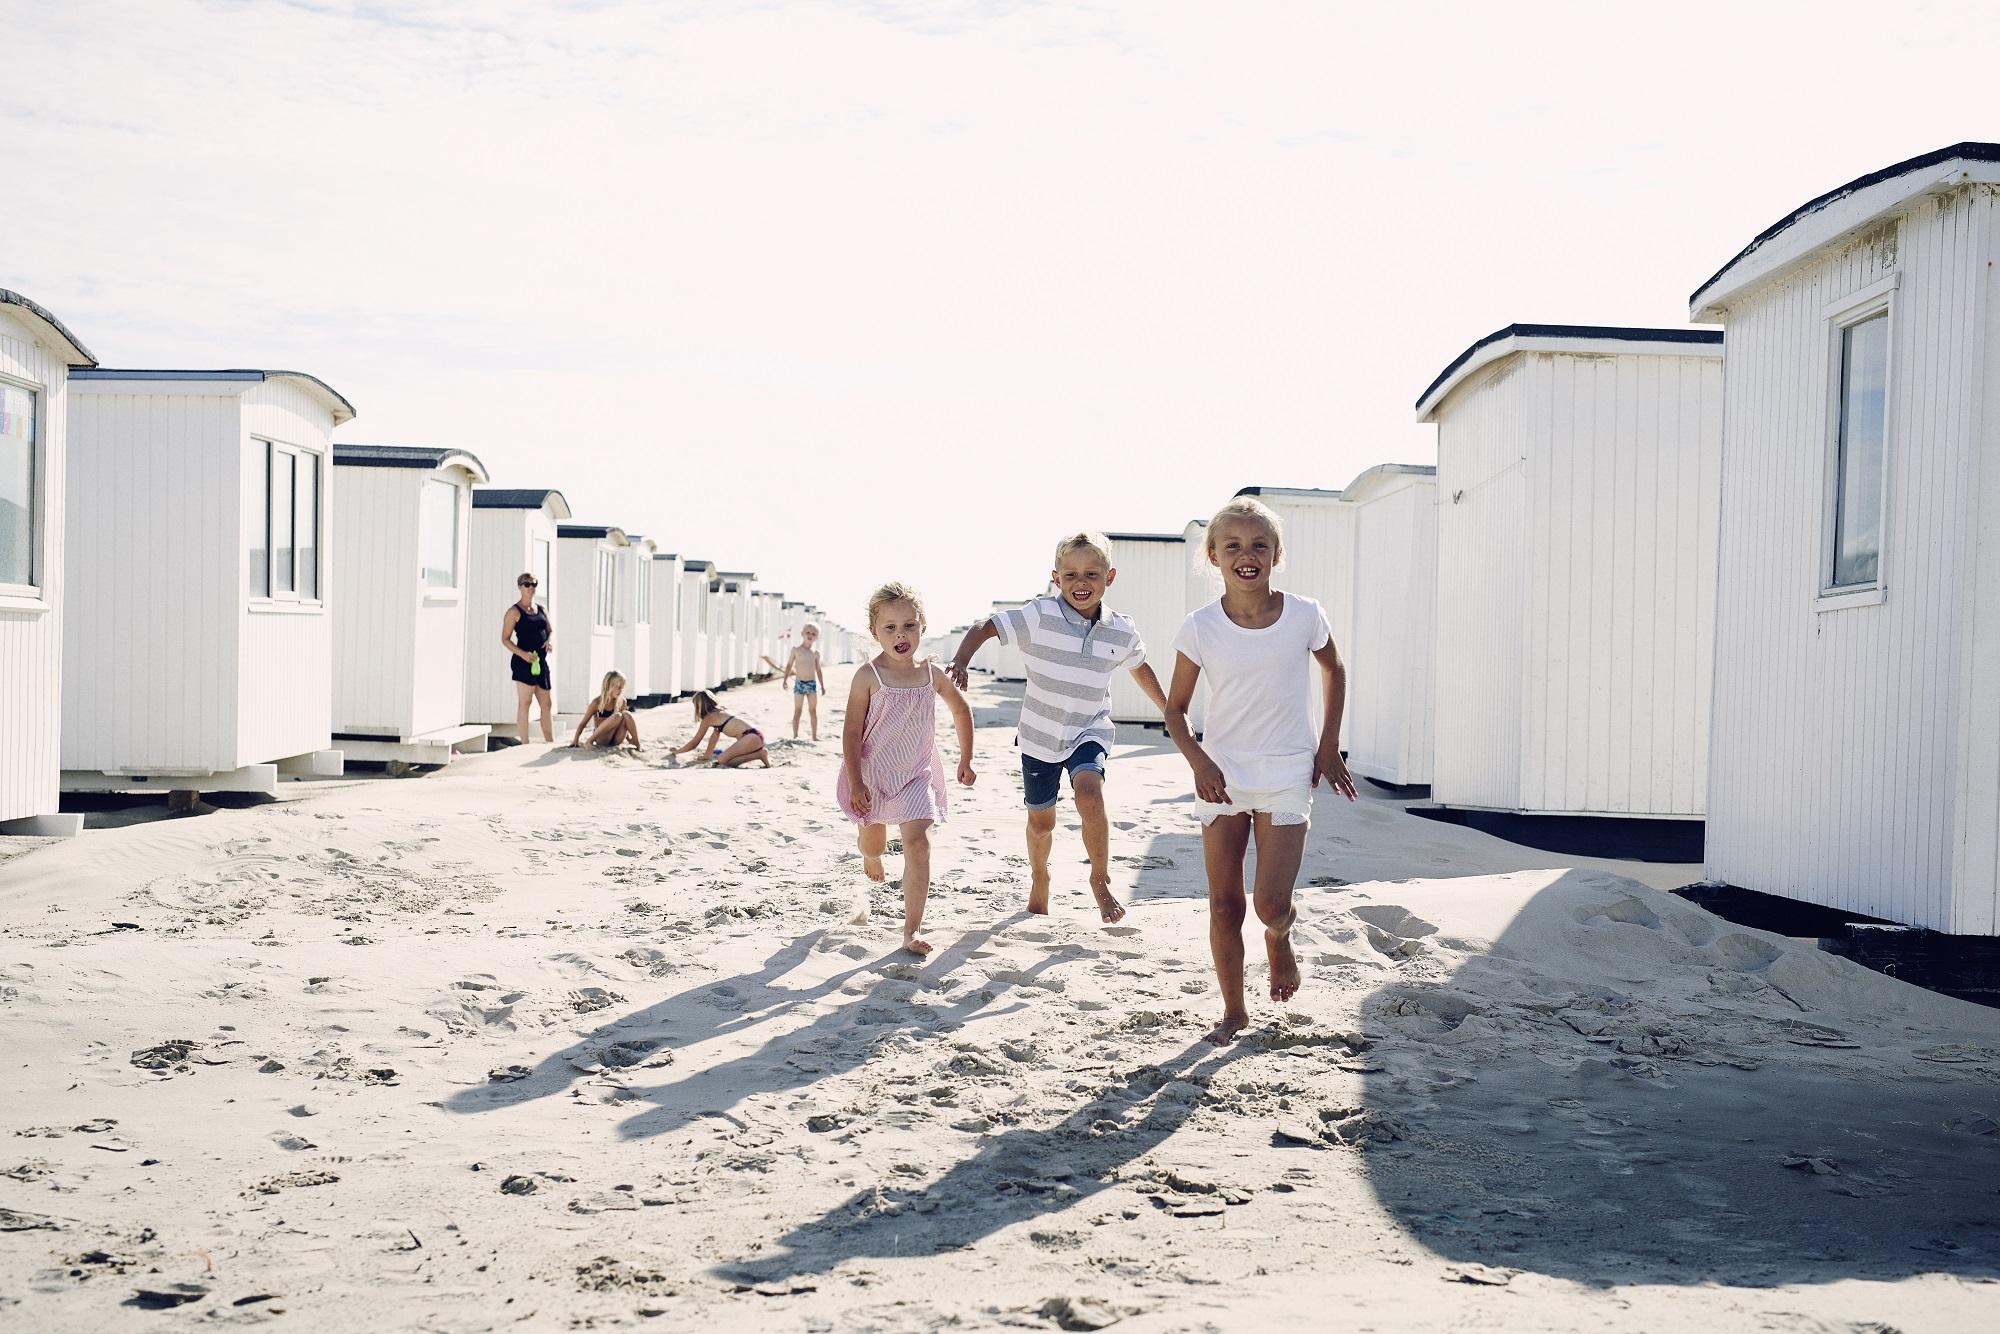 Sidste år bidrog kyst- og naturturismen med over 50 procent af den samlede vækst i dansk turisme, oplyser Dansk Kyst- og Naturturisme. Pressefoto fra Dansk Kyst- og Naturturisme.